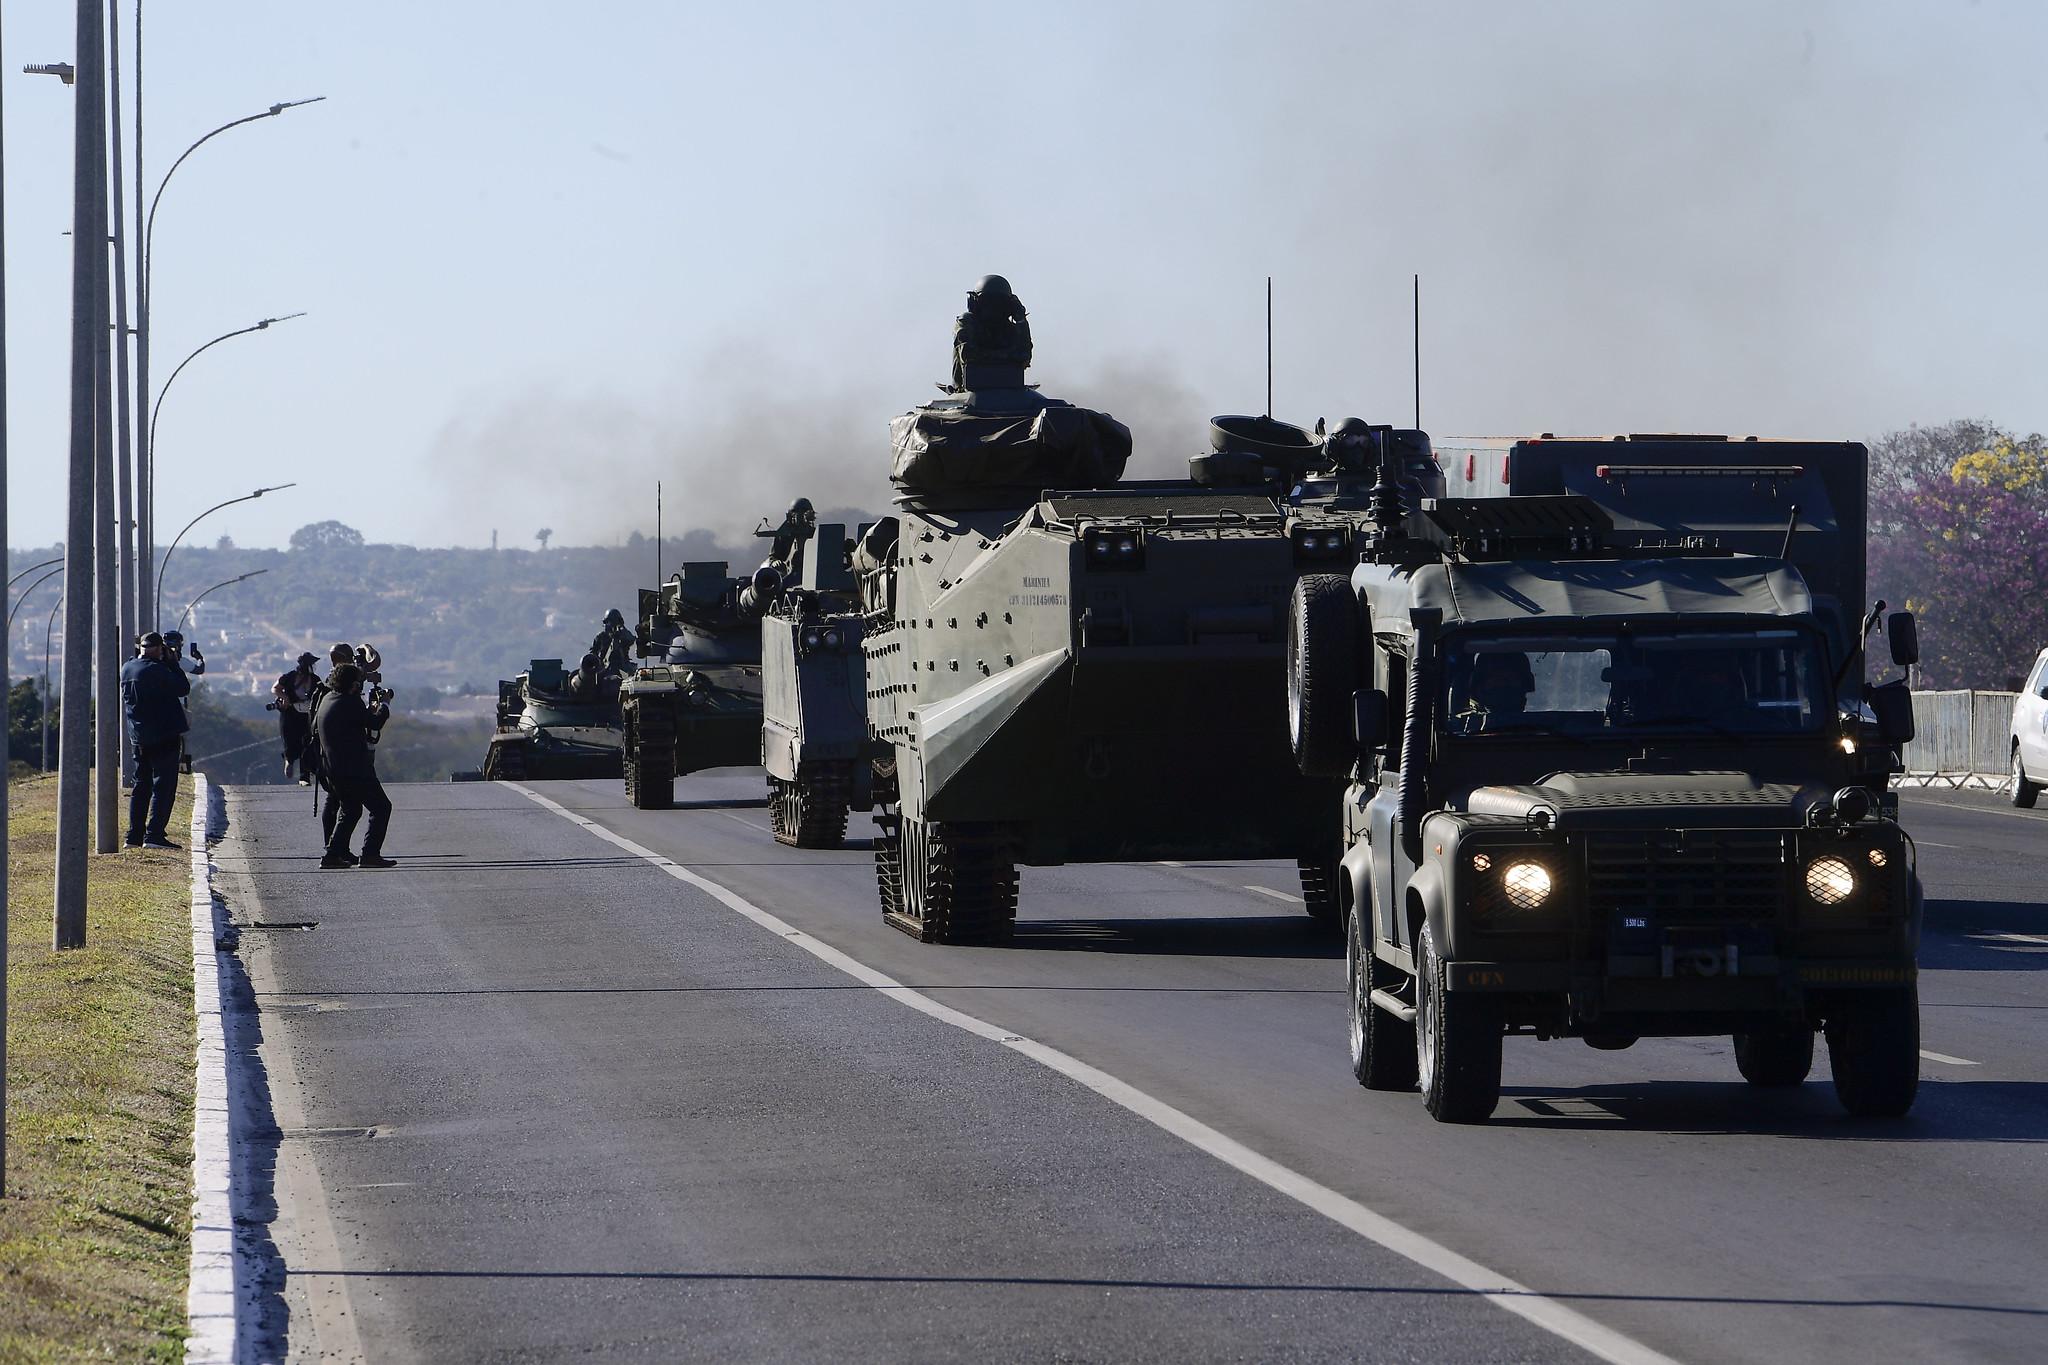 IMAGEM: Operação com desfile de blindados custou R$ 3,7 milhões